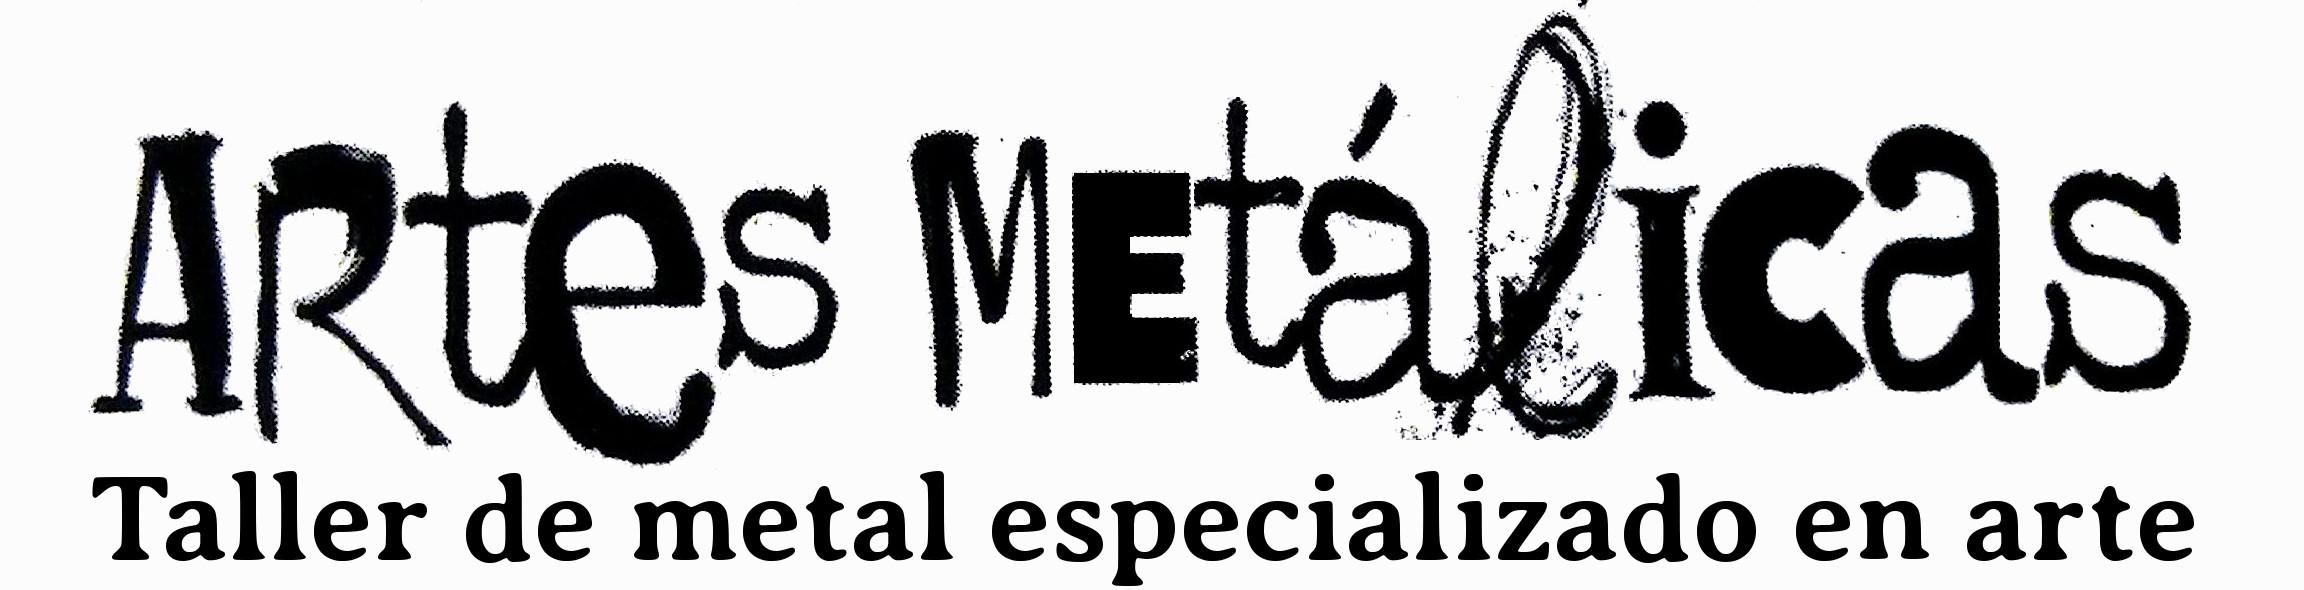 Artes Metálicas - Taller de metal especializado en arte